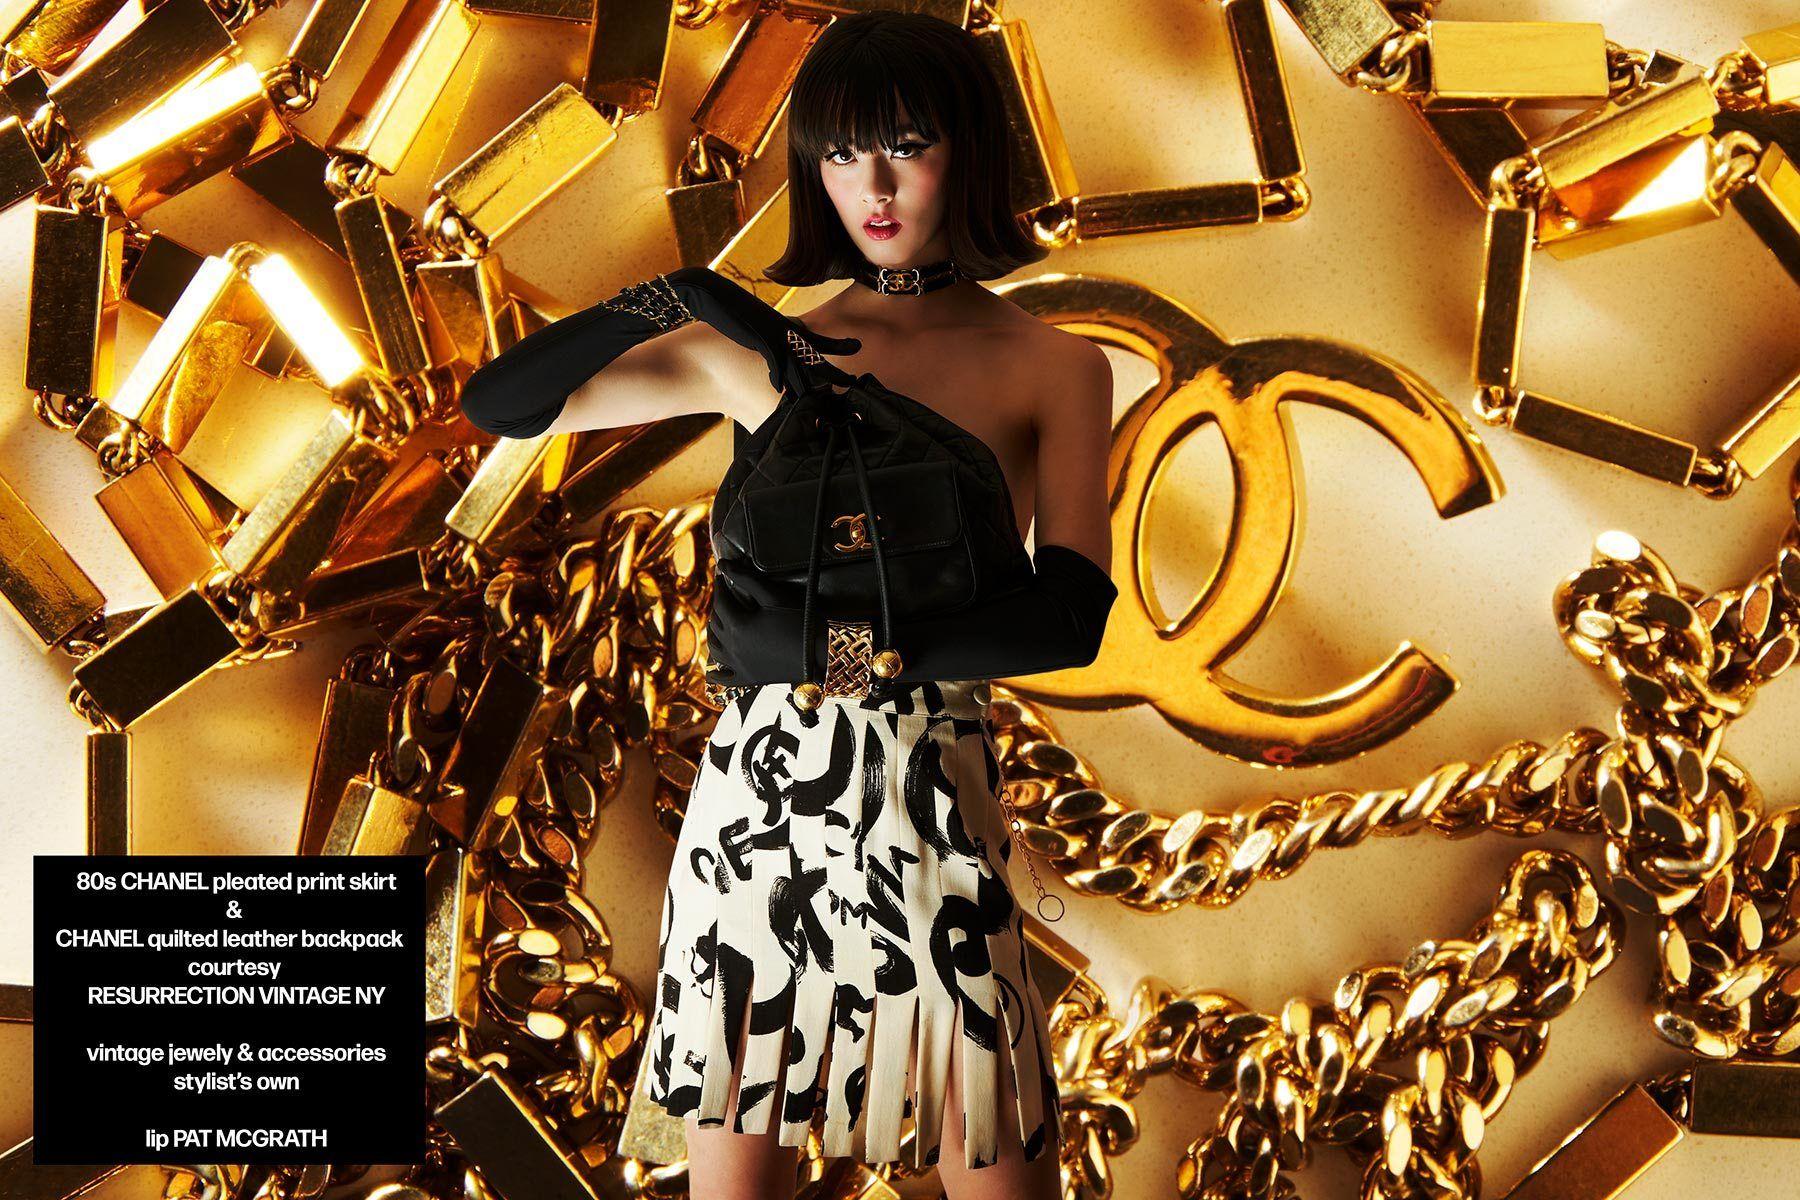 Wilhelmina model Megan Otnes in vintage Chanel for Ponyboy magazine. Photography by Alexander Thompson.